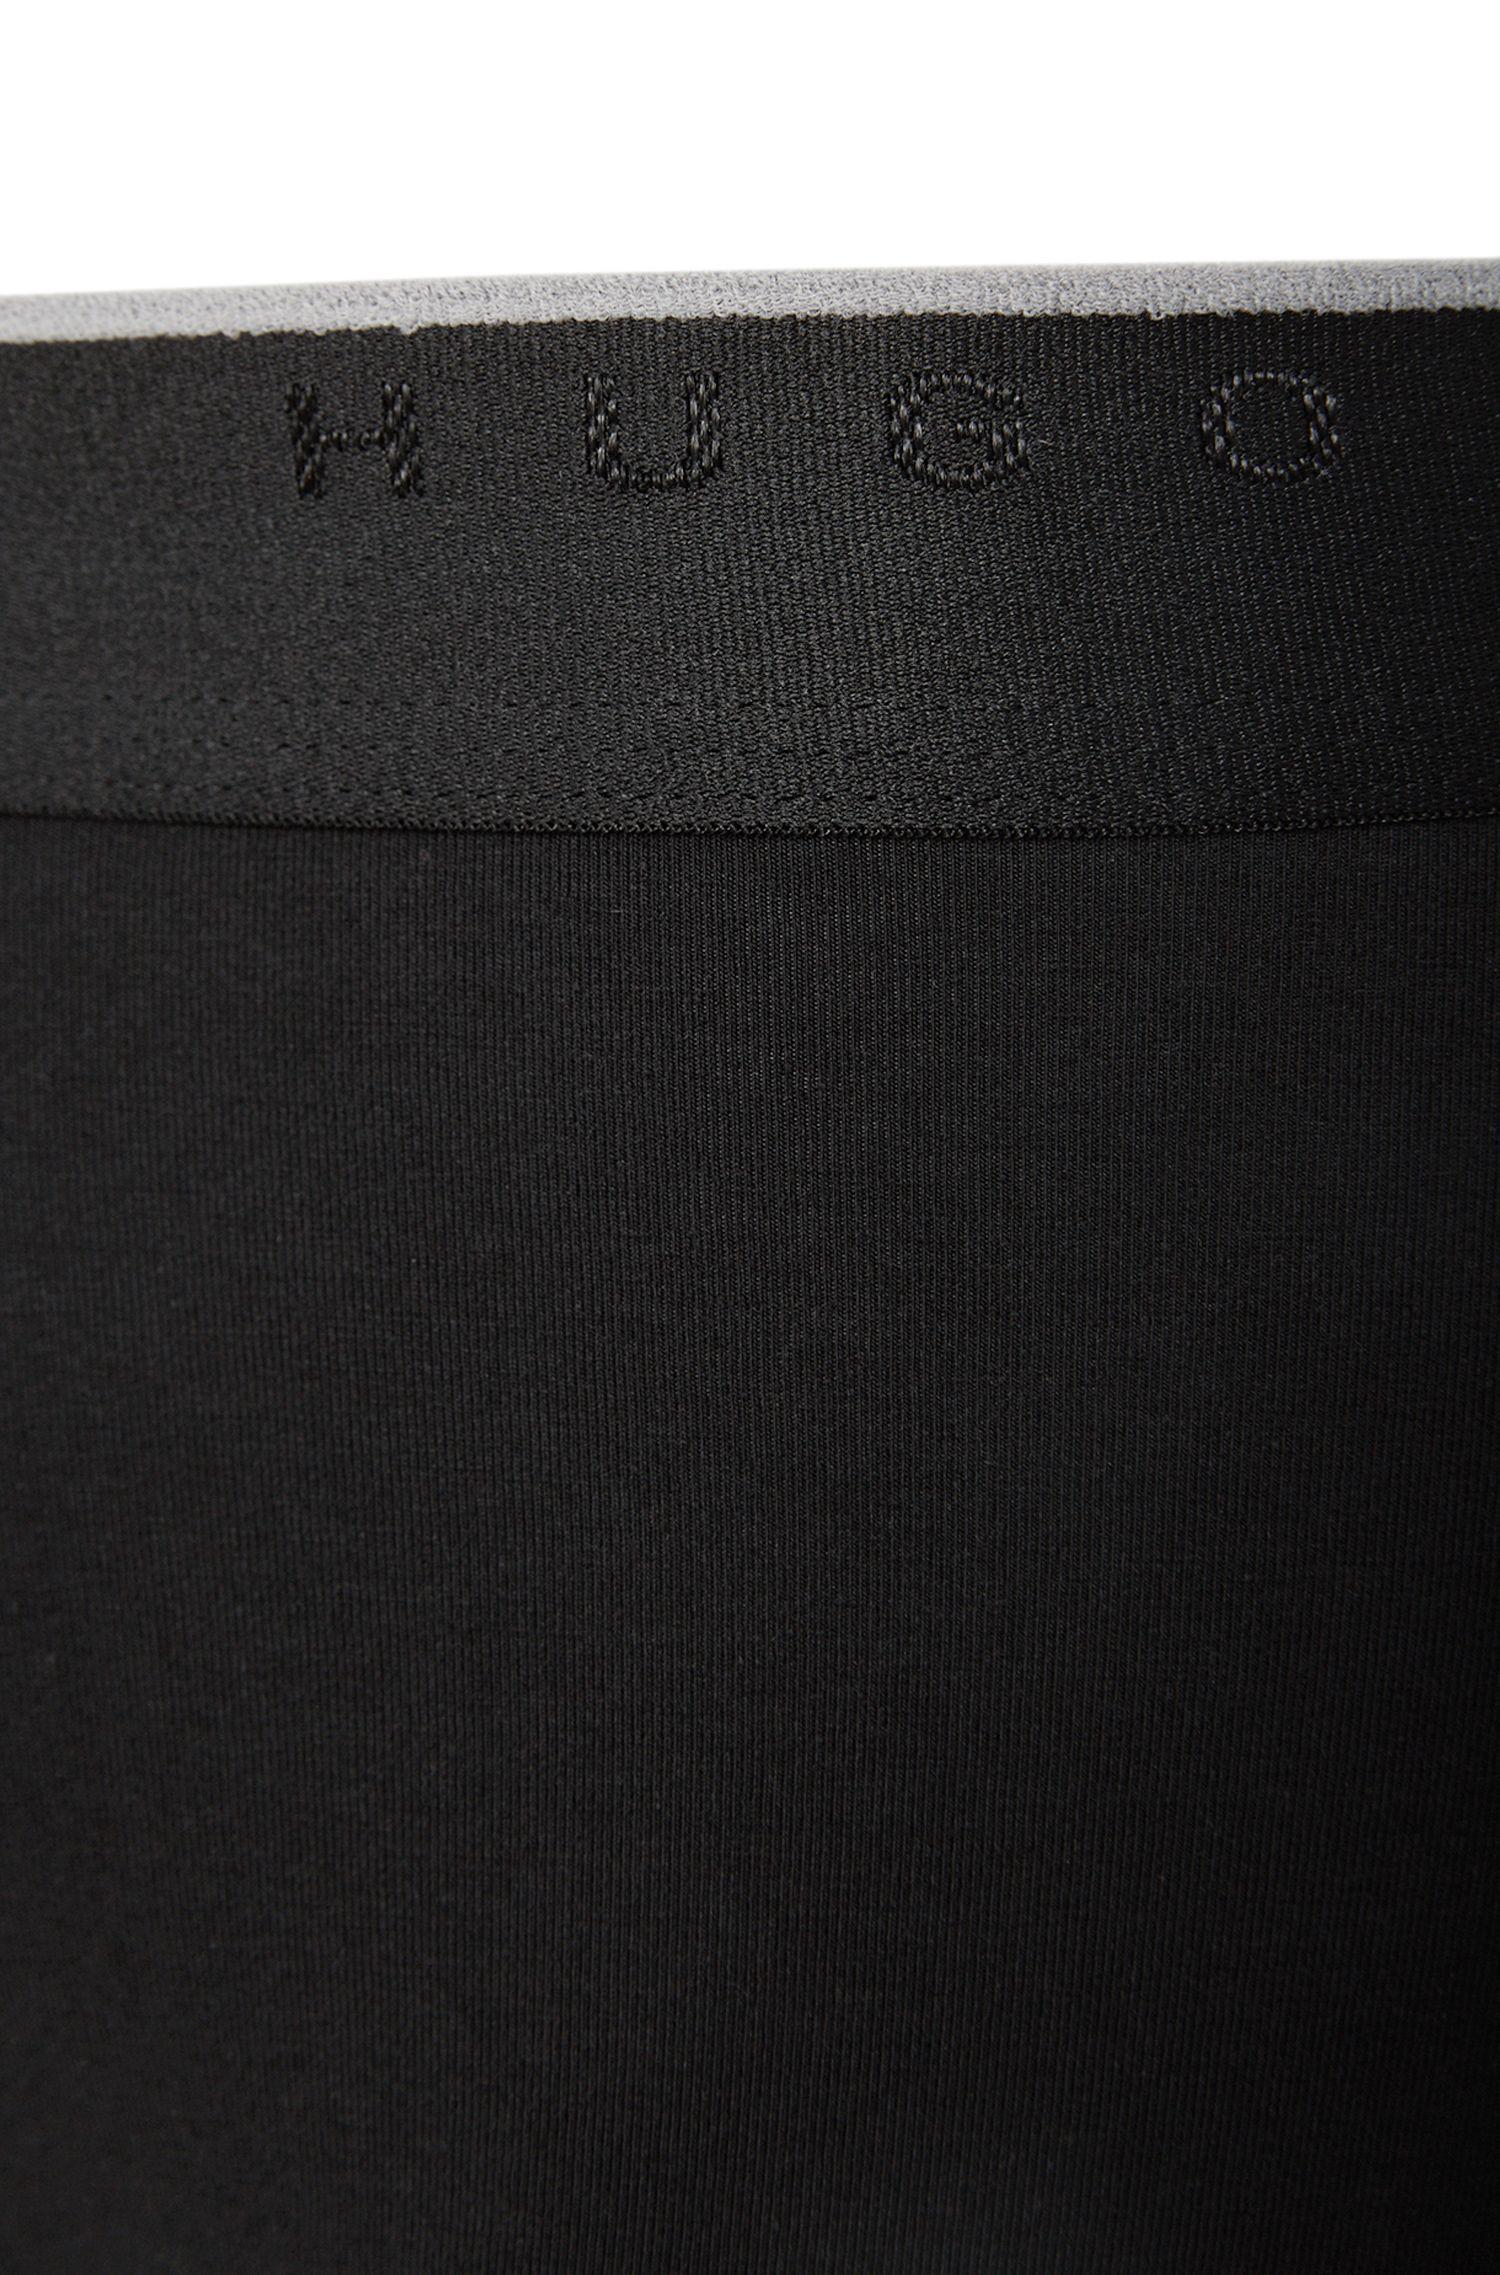 Calzoncillos boxer de tiro normal en algodón elástico, Negro